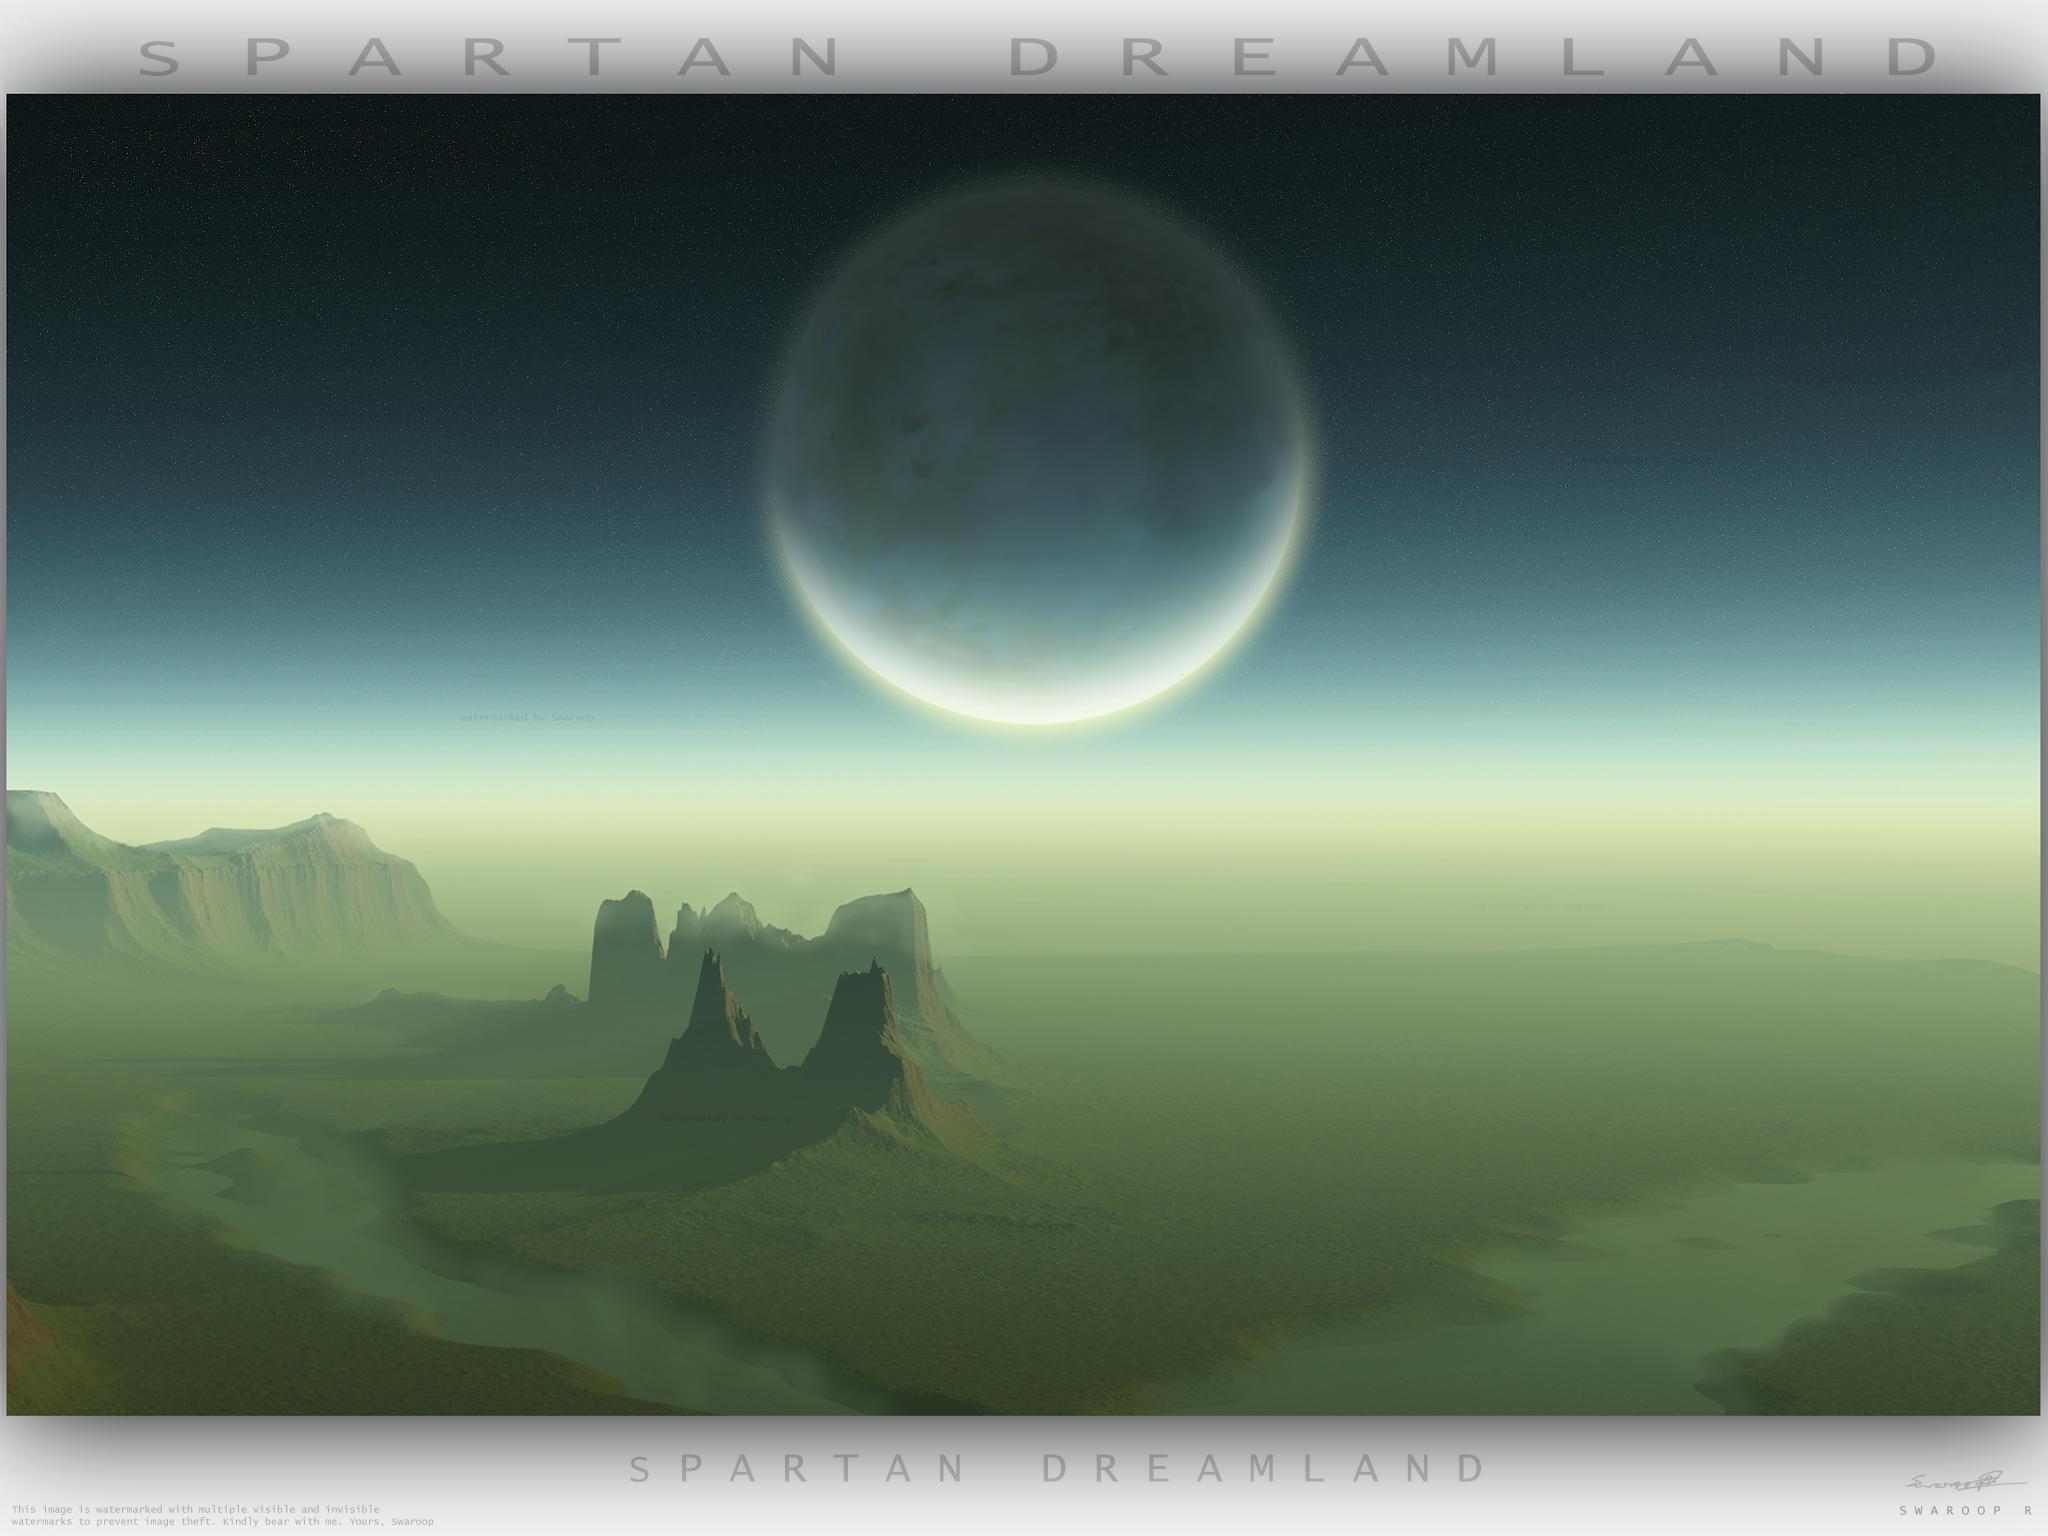 Spartan Dreamland WAllpaper by Swaroop